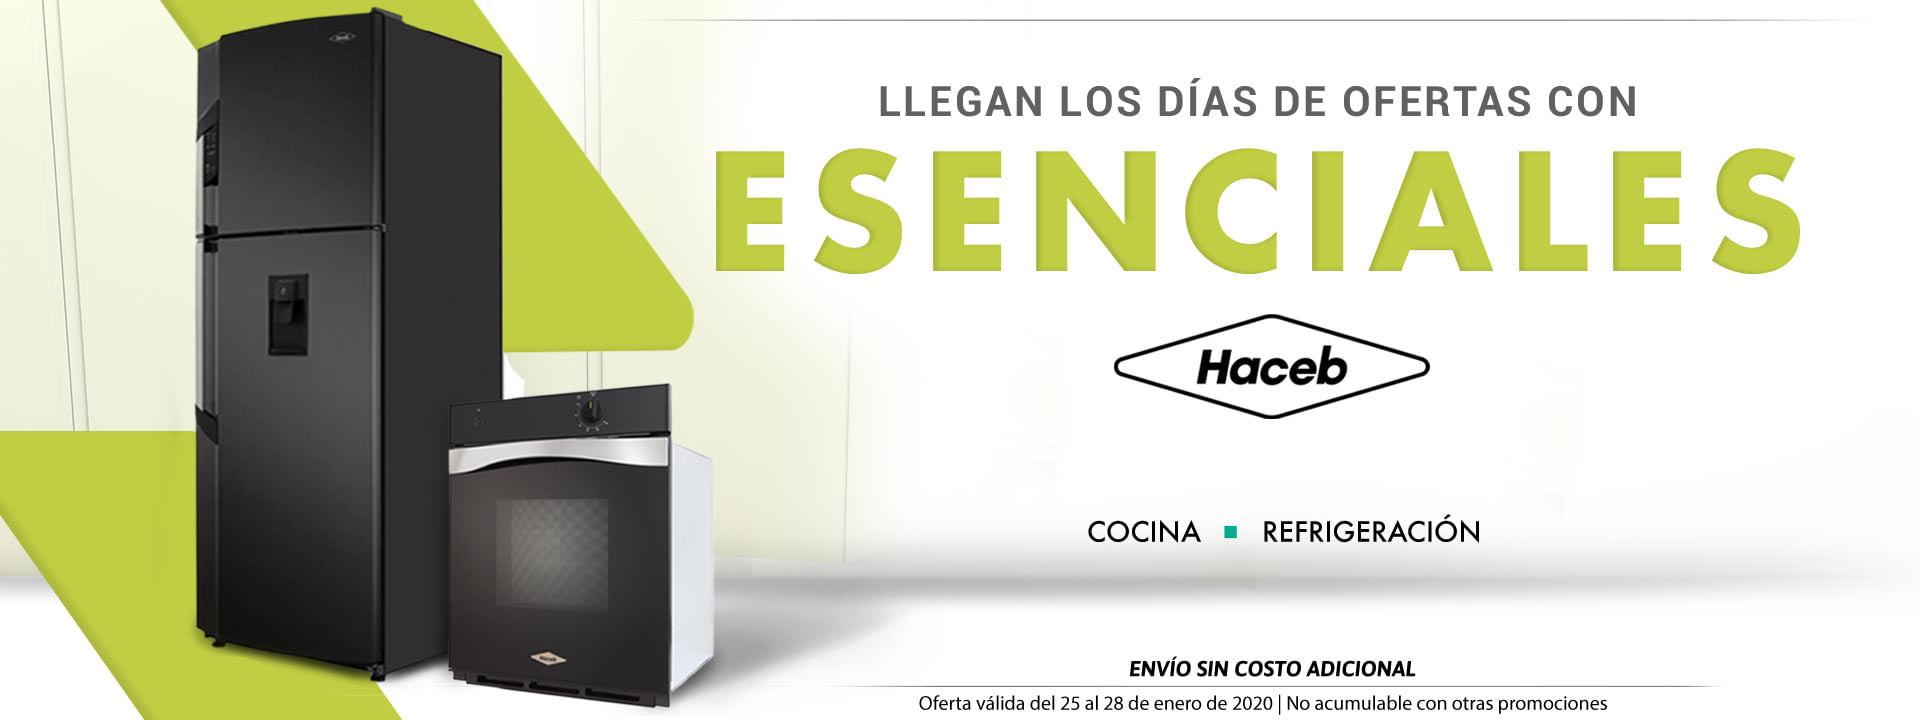 Esenciales Haceb